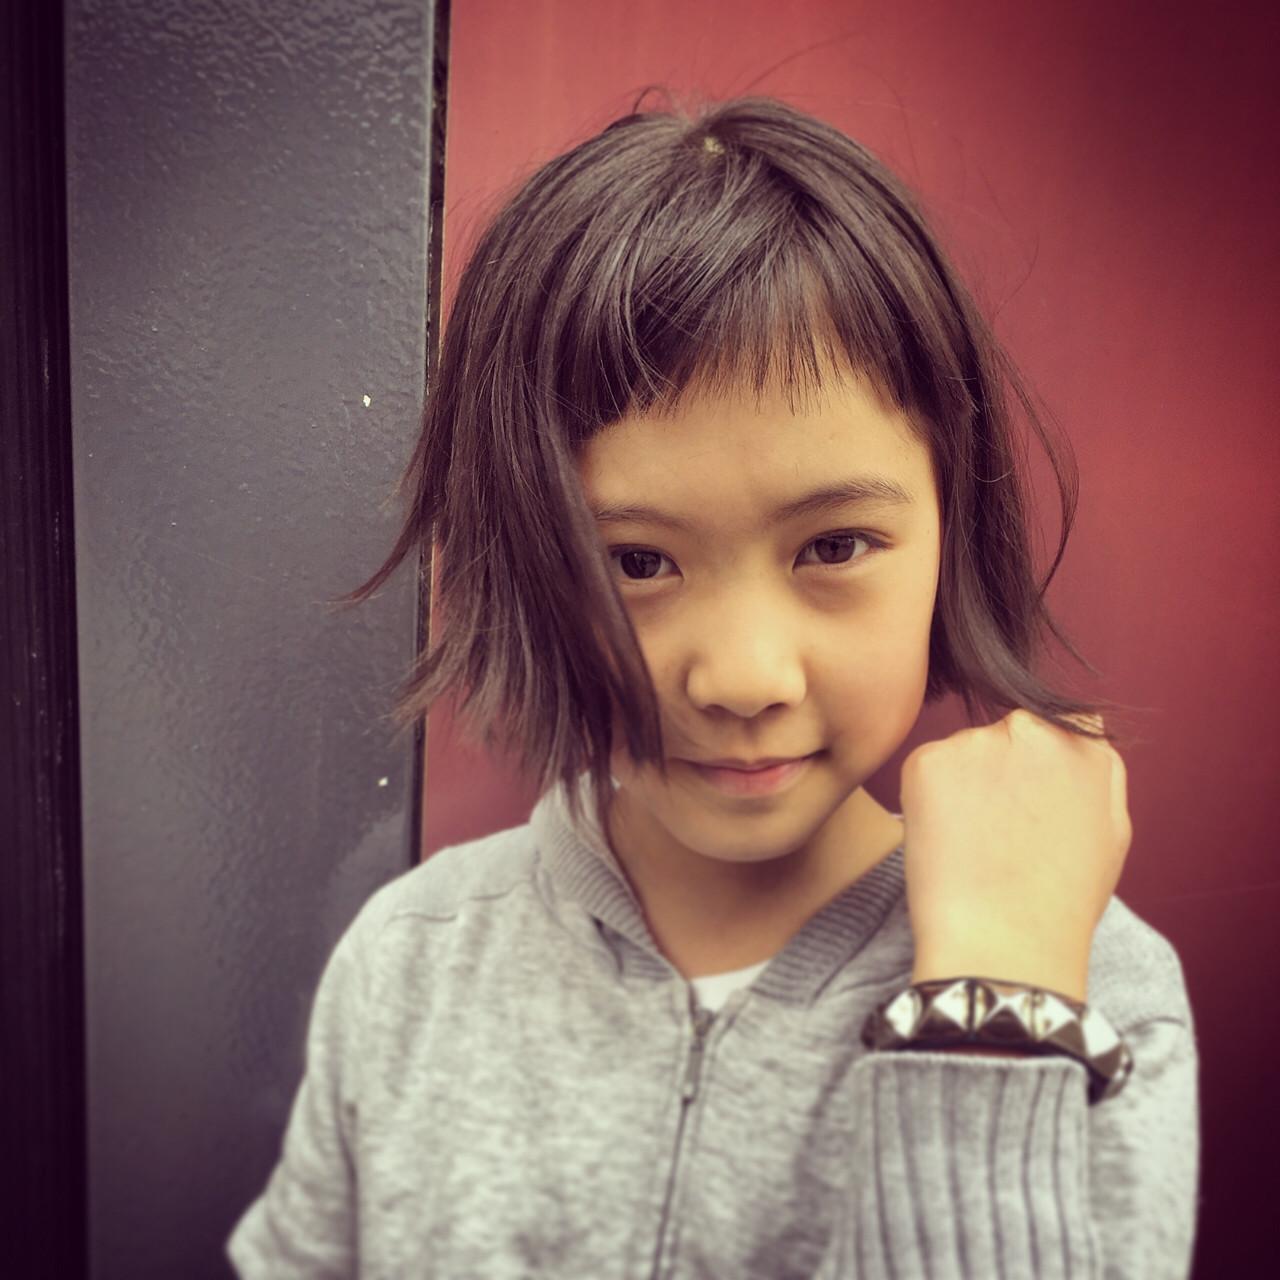 かわいい 子供 ガーリー 大人かわいい ヘアスタイルや髪型の写真・画像